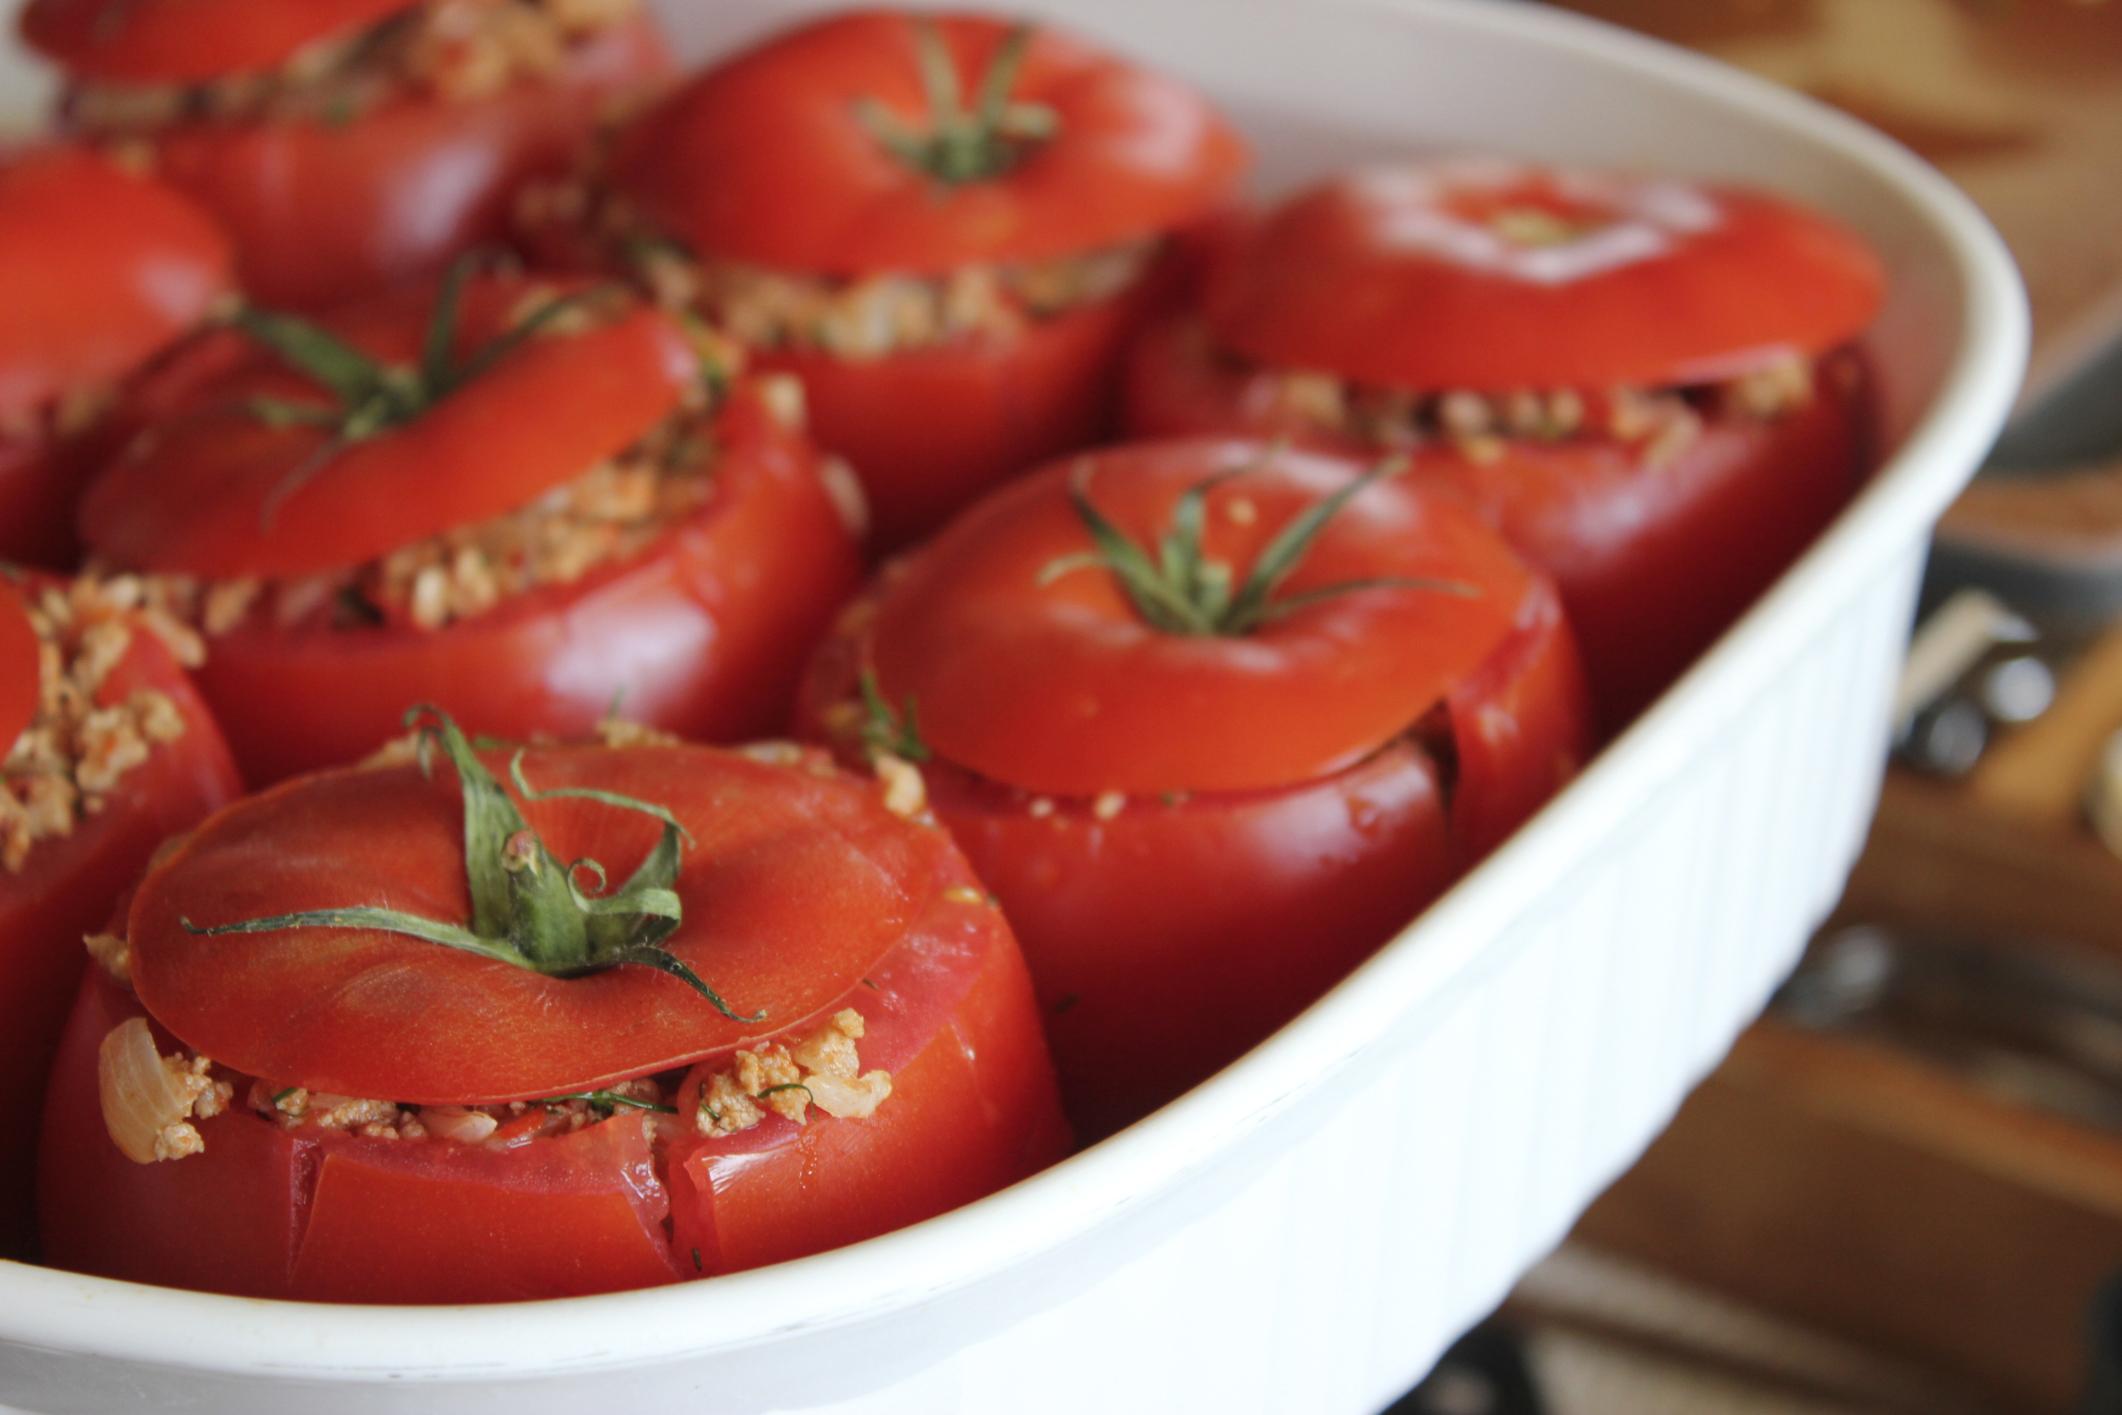 Tomates rellenos de carne picada y verduras